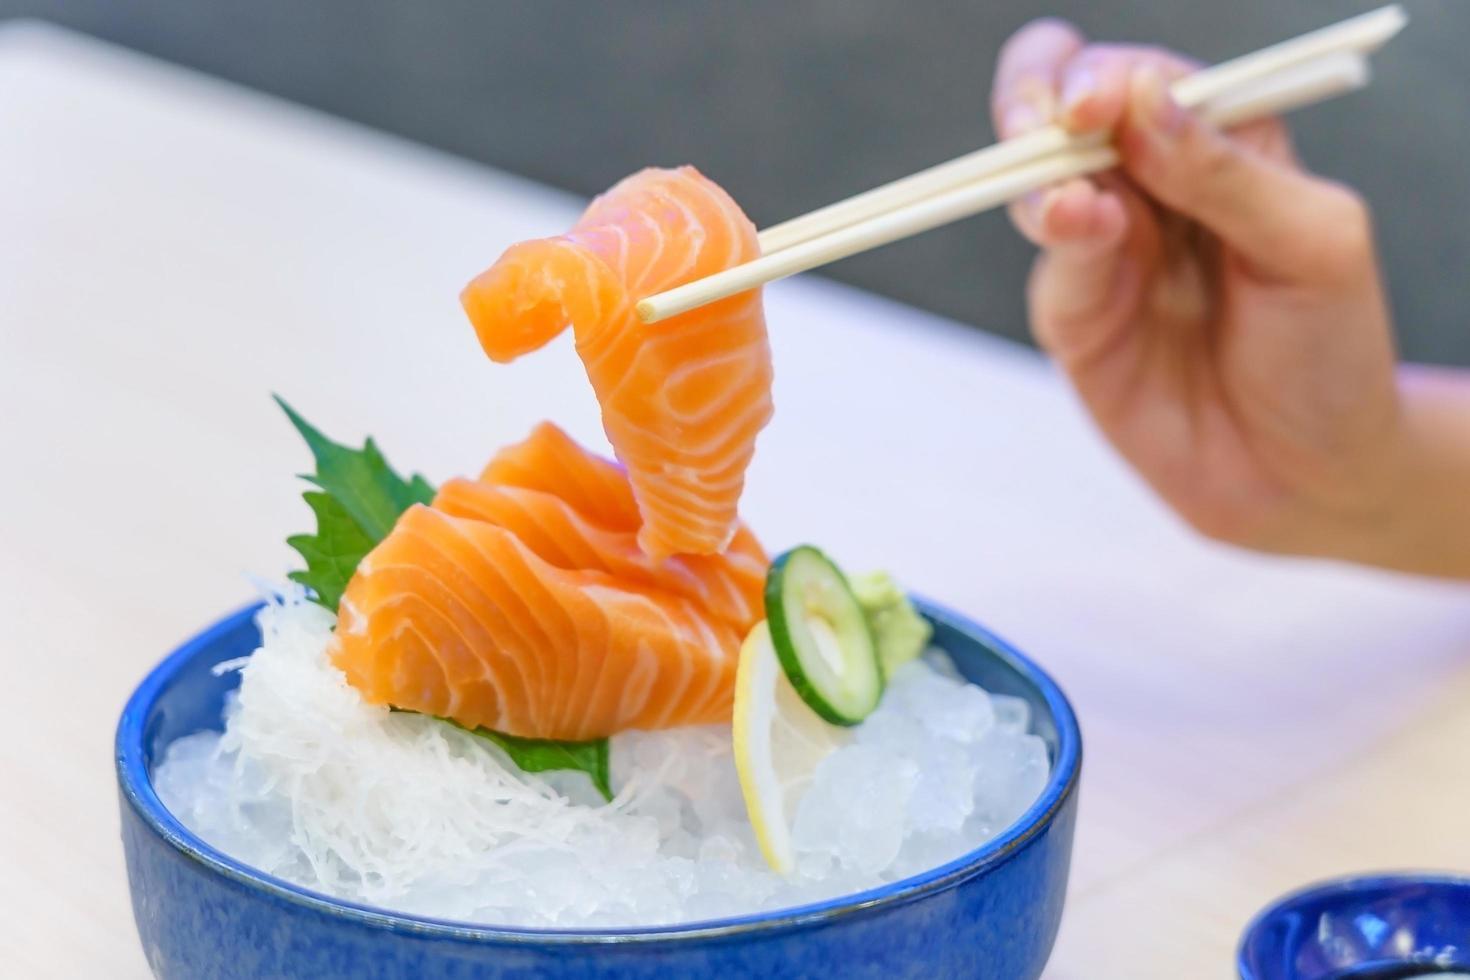 mão segurando sashimi de salmão usando pauzinhos foto